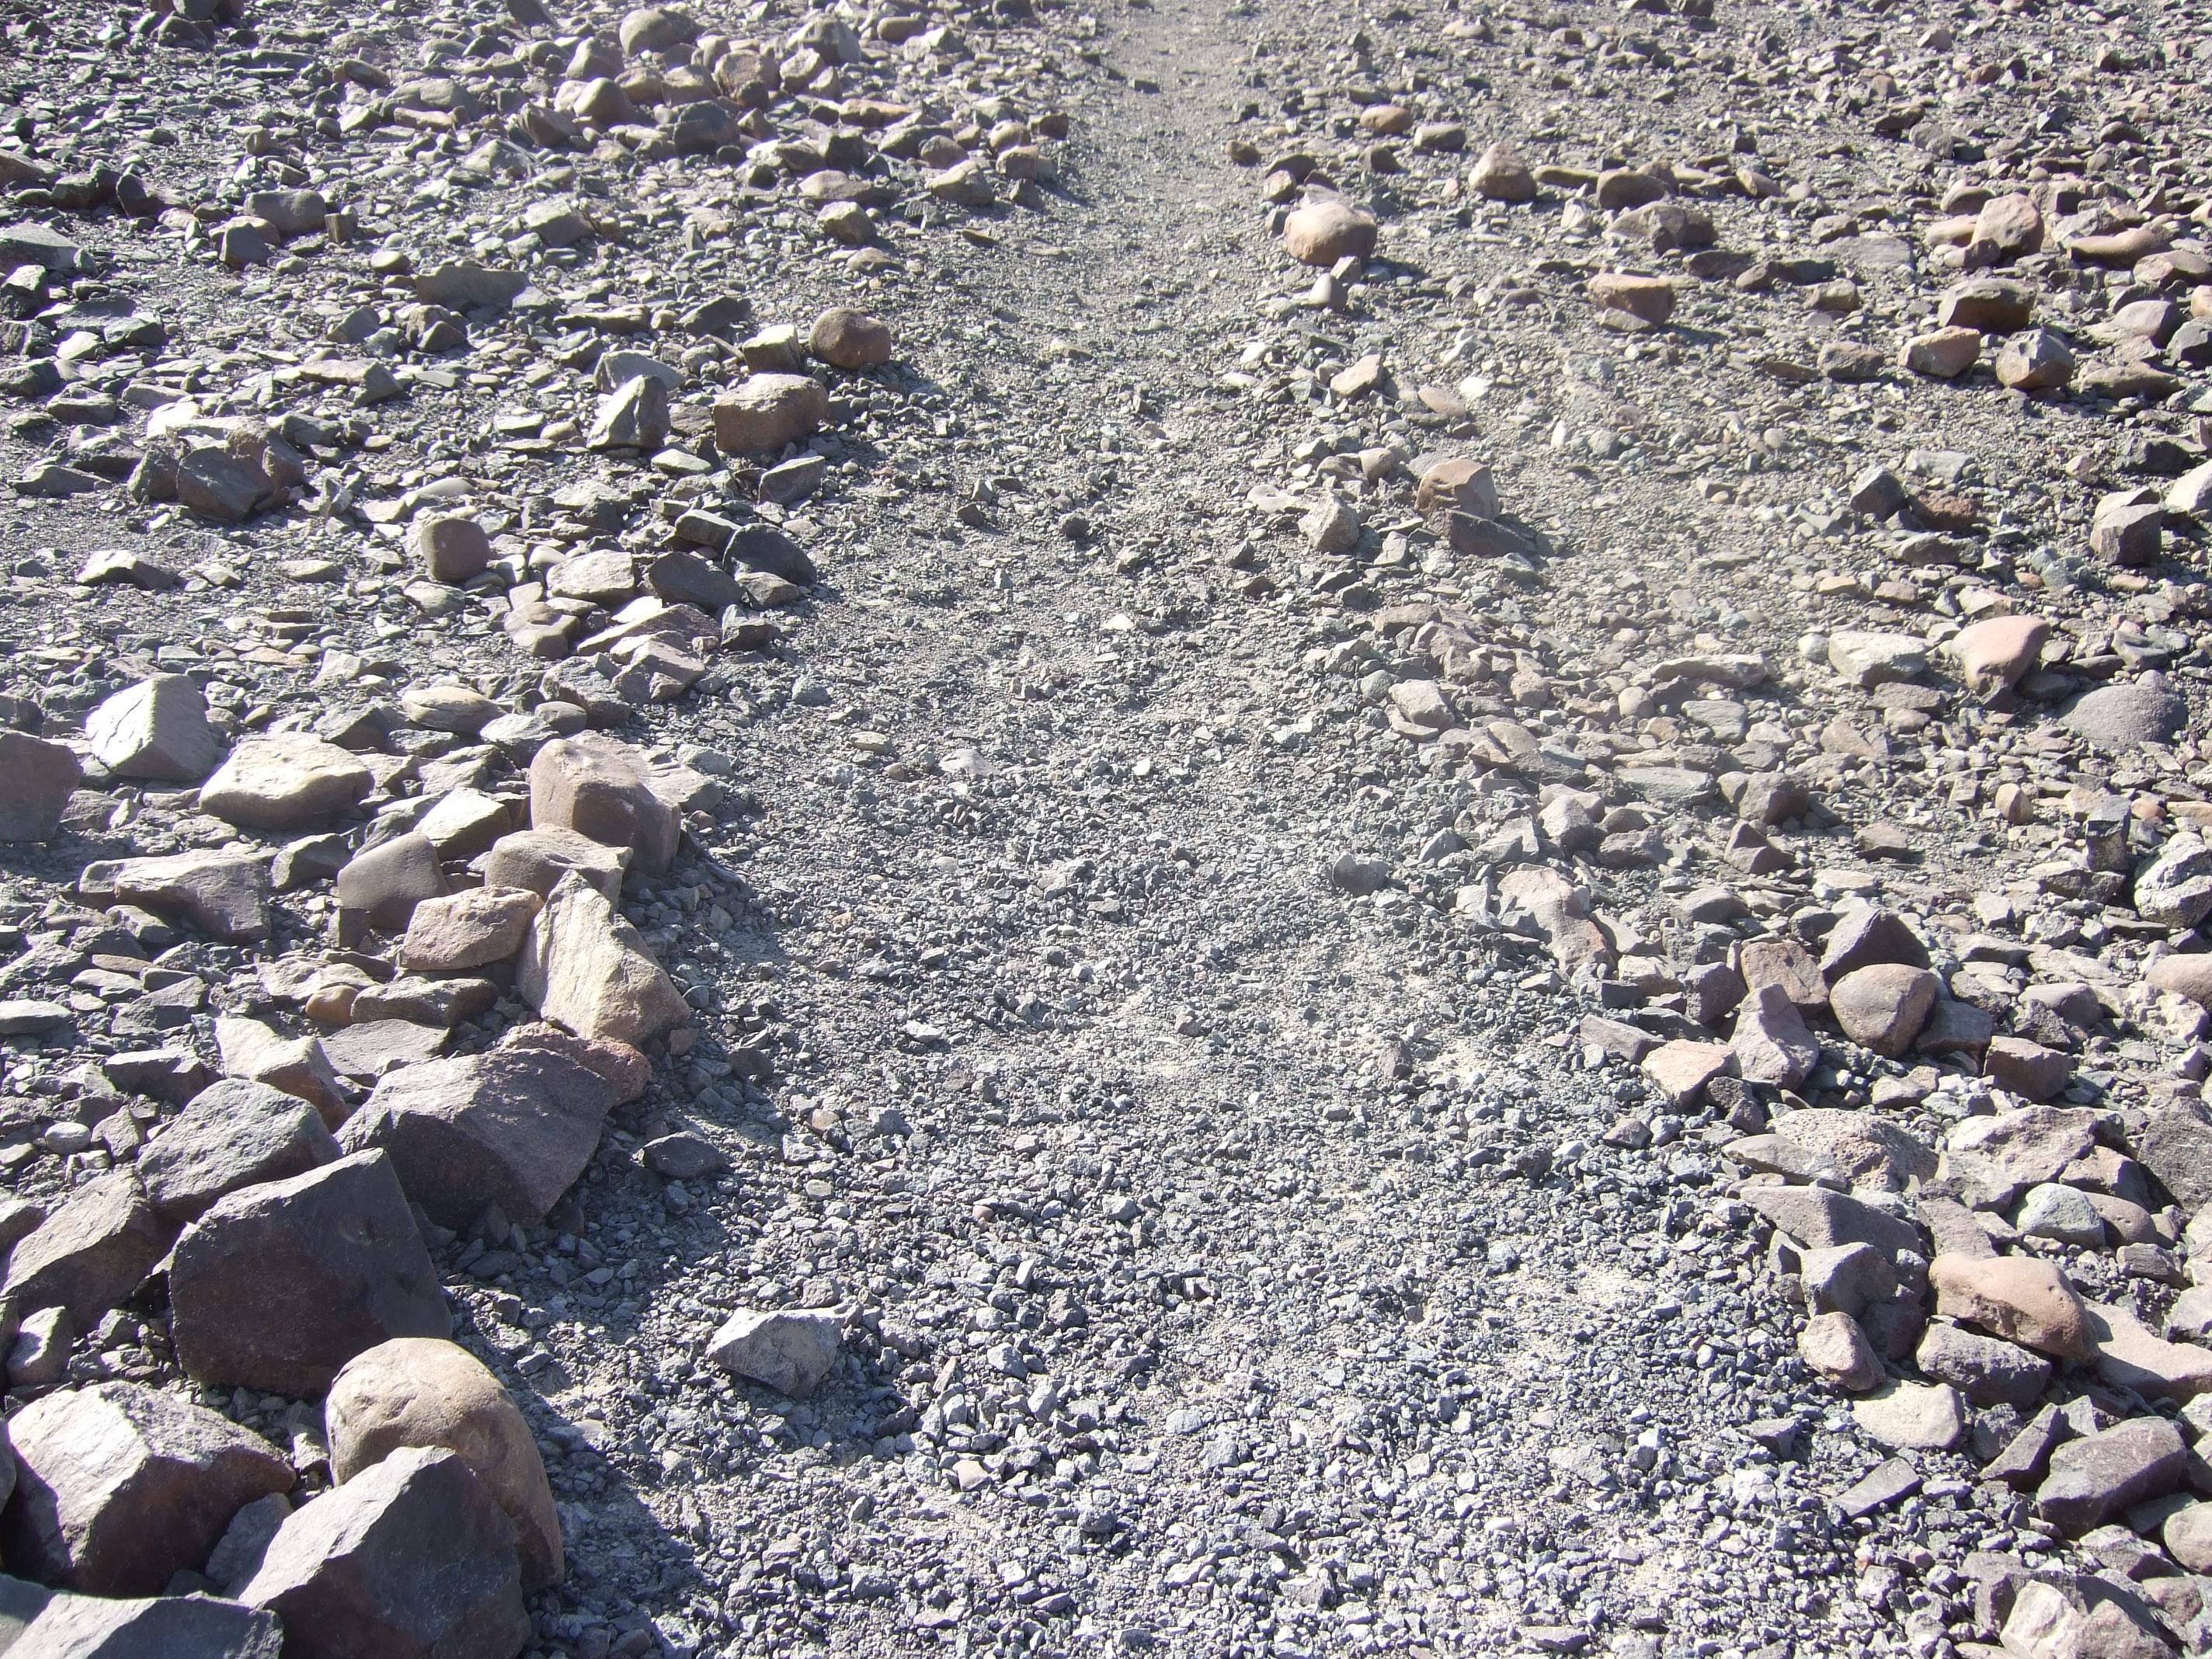 地表では石が除かれた線に過ぎないものが